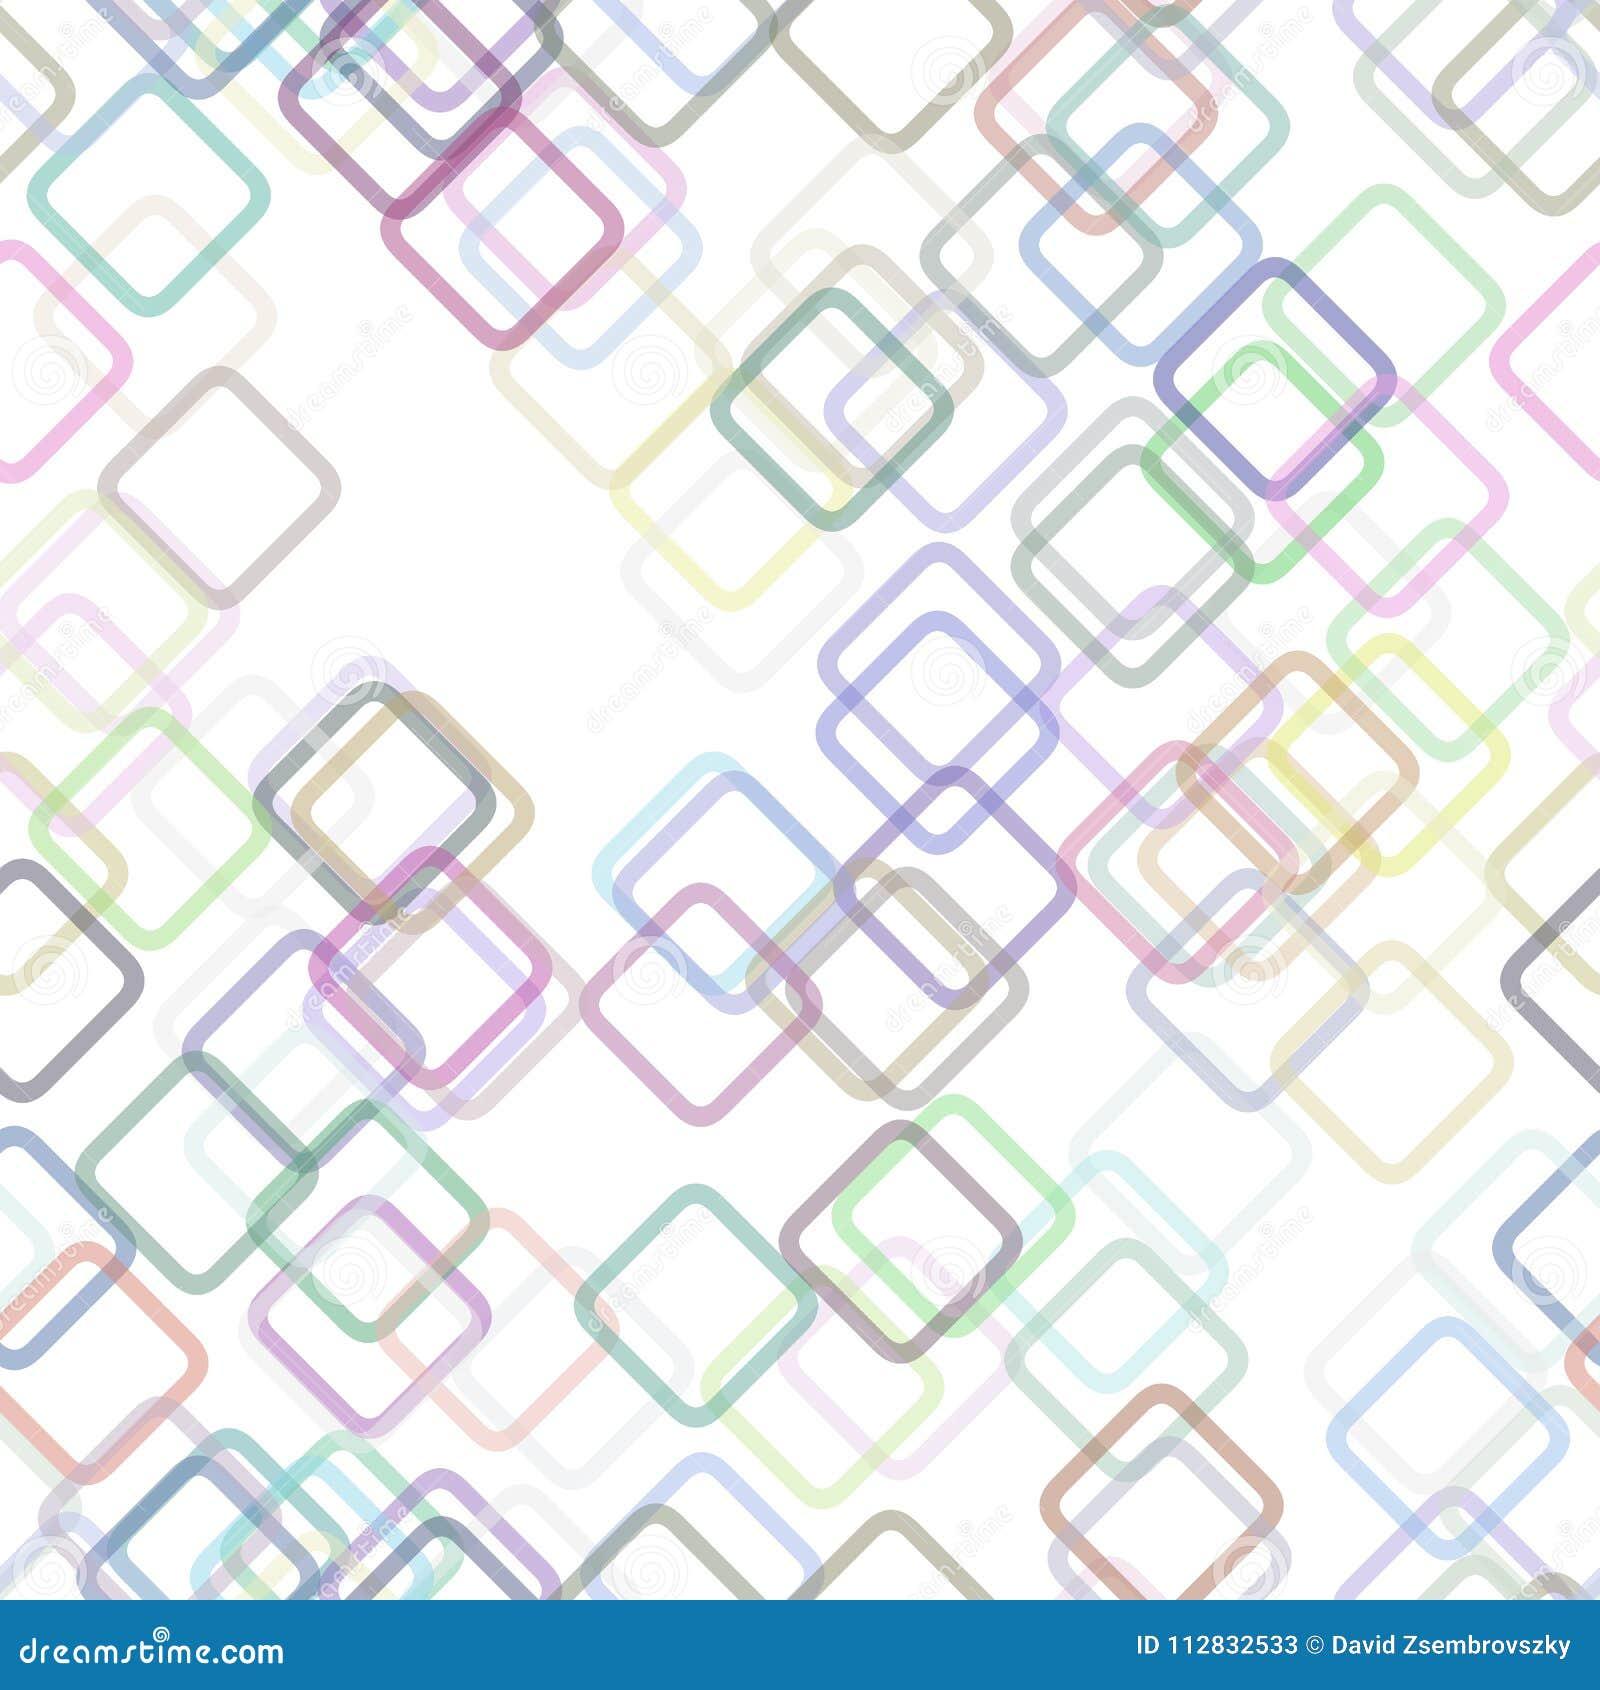 Безшовная геометрическая квадратная картина предпосылки - векторная графика от случайных раскосных квадратов с влиянием светонепр